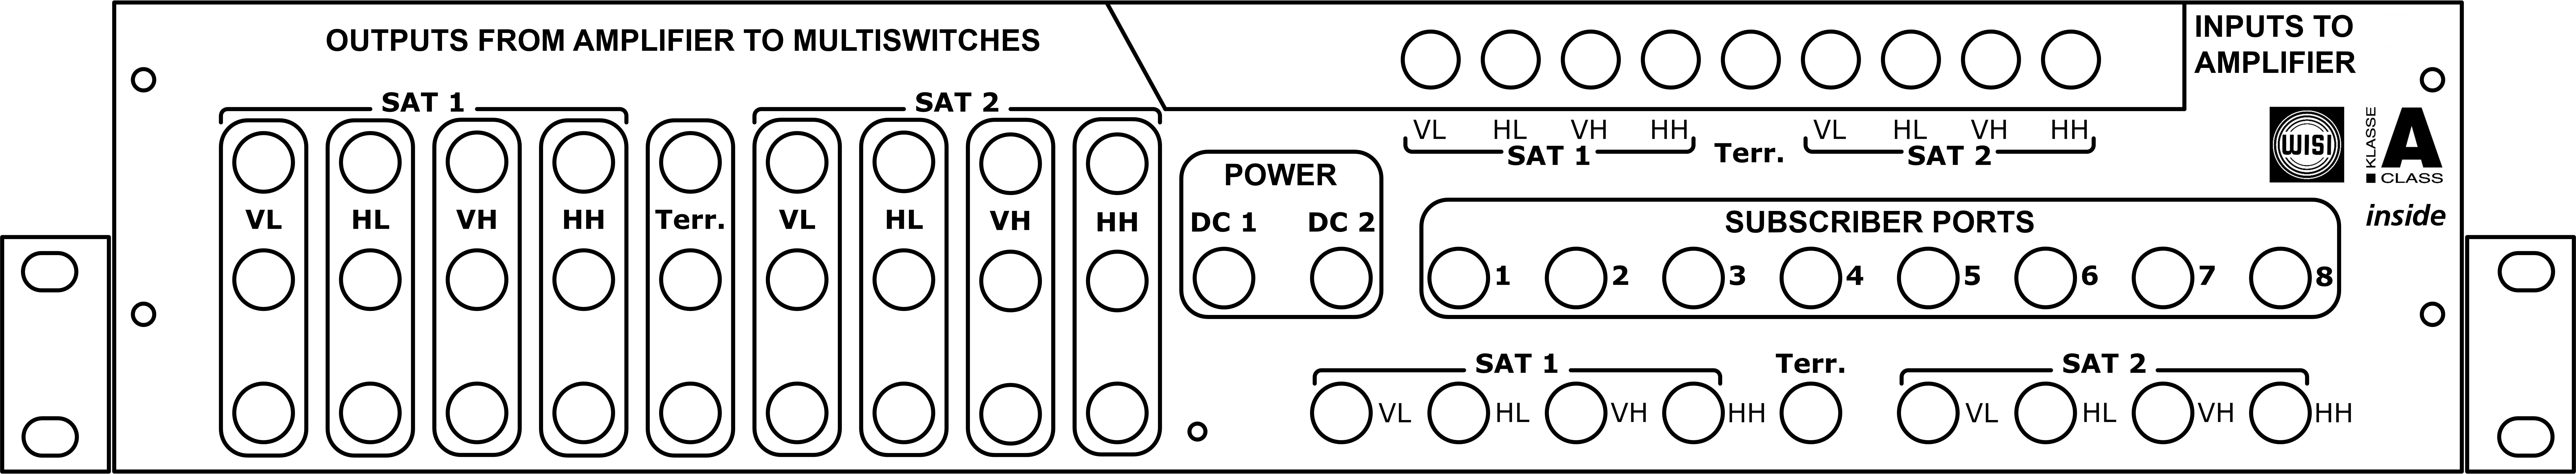 Amplifier 2HU